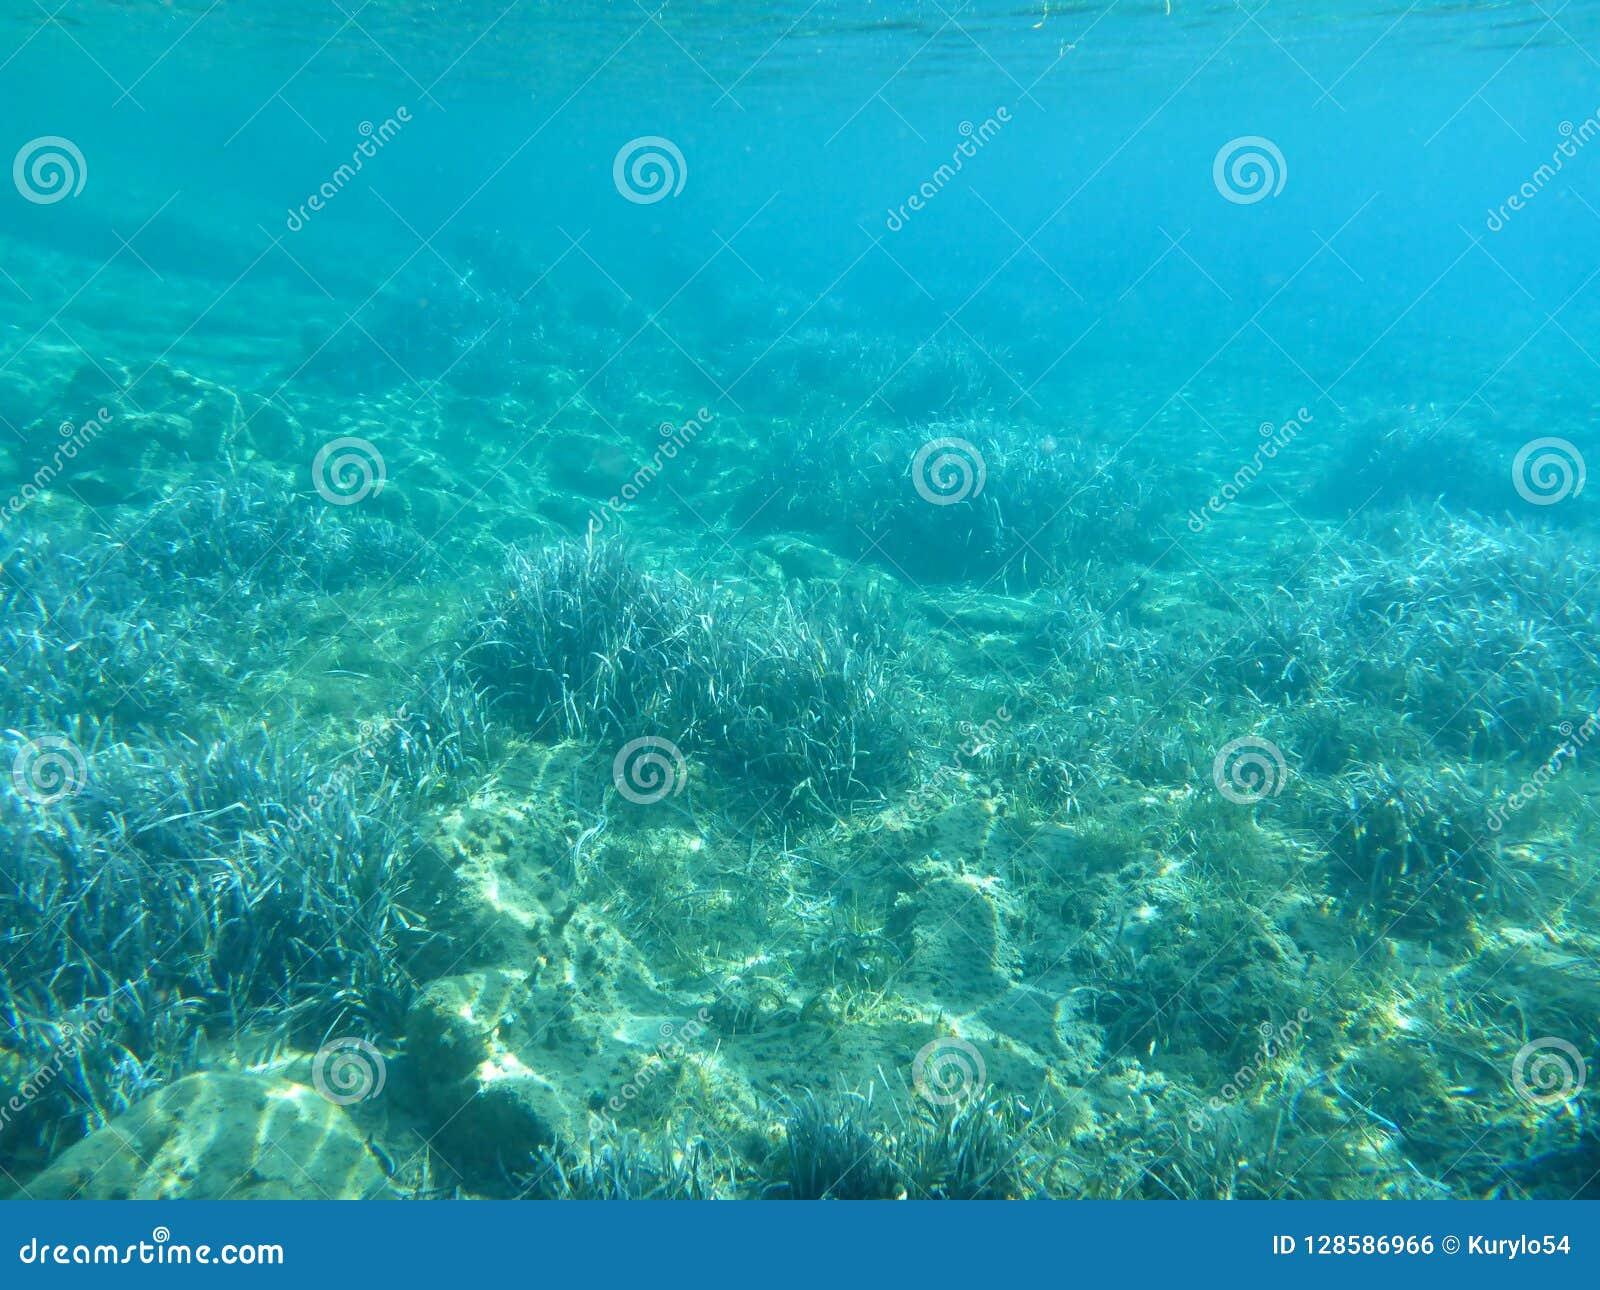 水下的人生的水厂在Kolona加倍海湾基斯诺斯岛海岛基克拉泽斯希腊,爱琴海